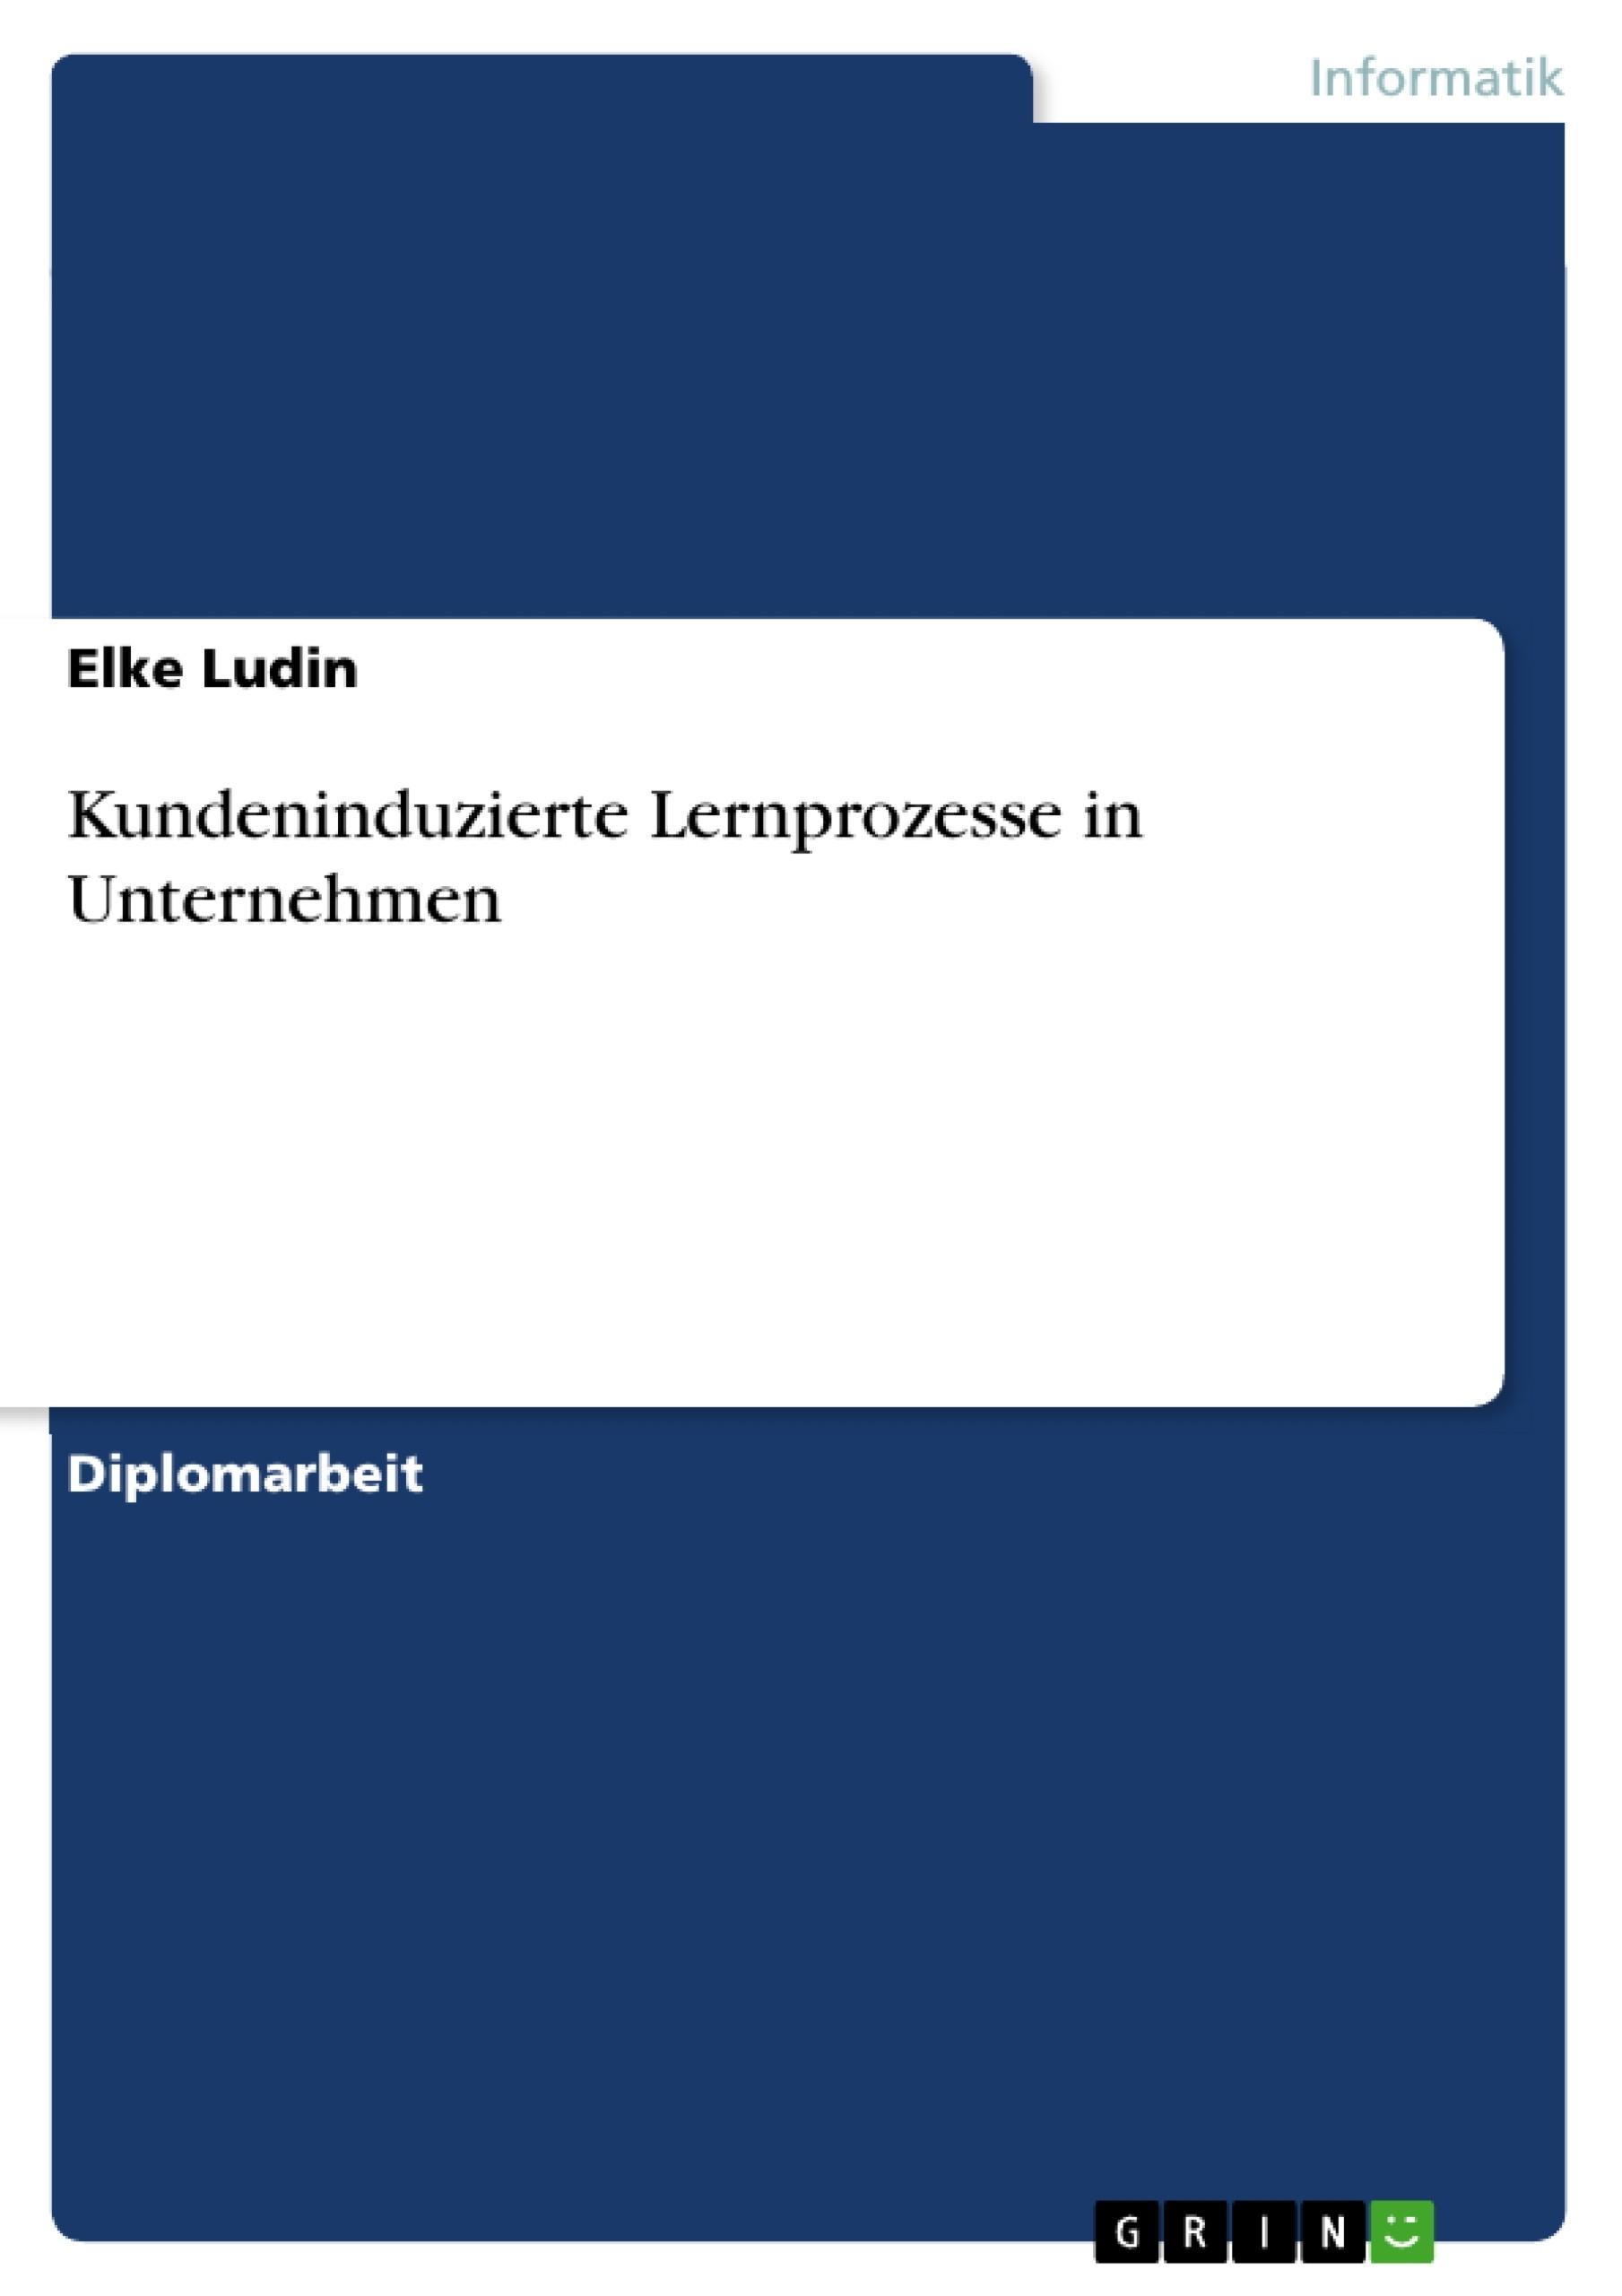 Titel: Kundeninduzierte Lernprozesse in Unternehmen